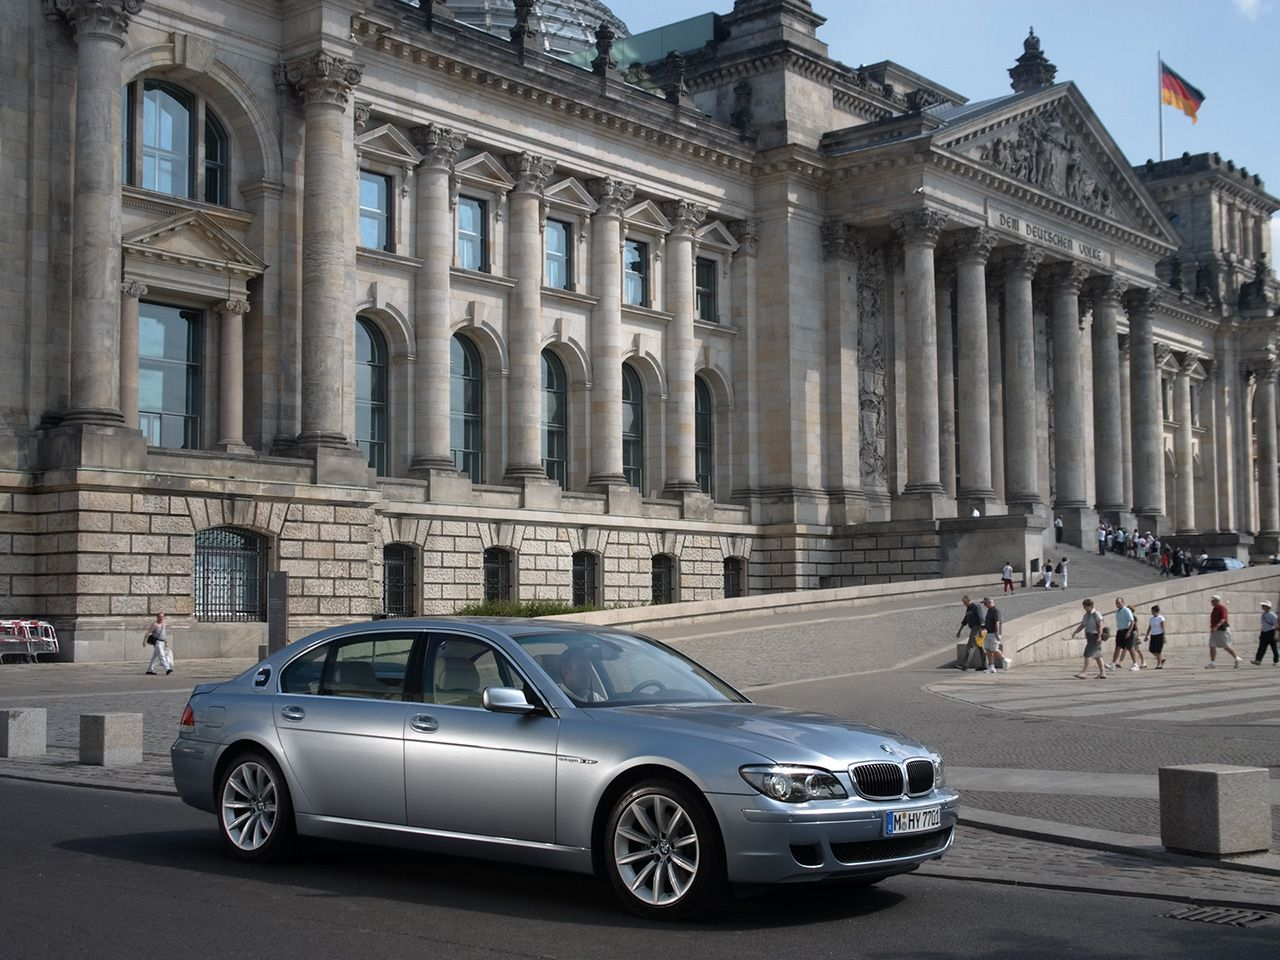 2007 BMW Hydrogen 7 Series Image | BMW | Pinterest | BMW